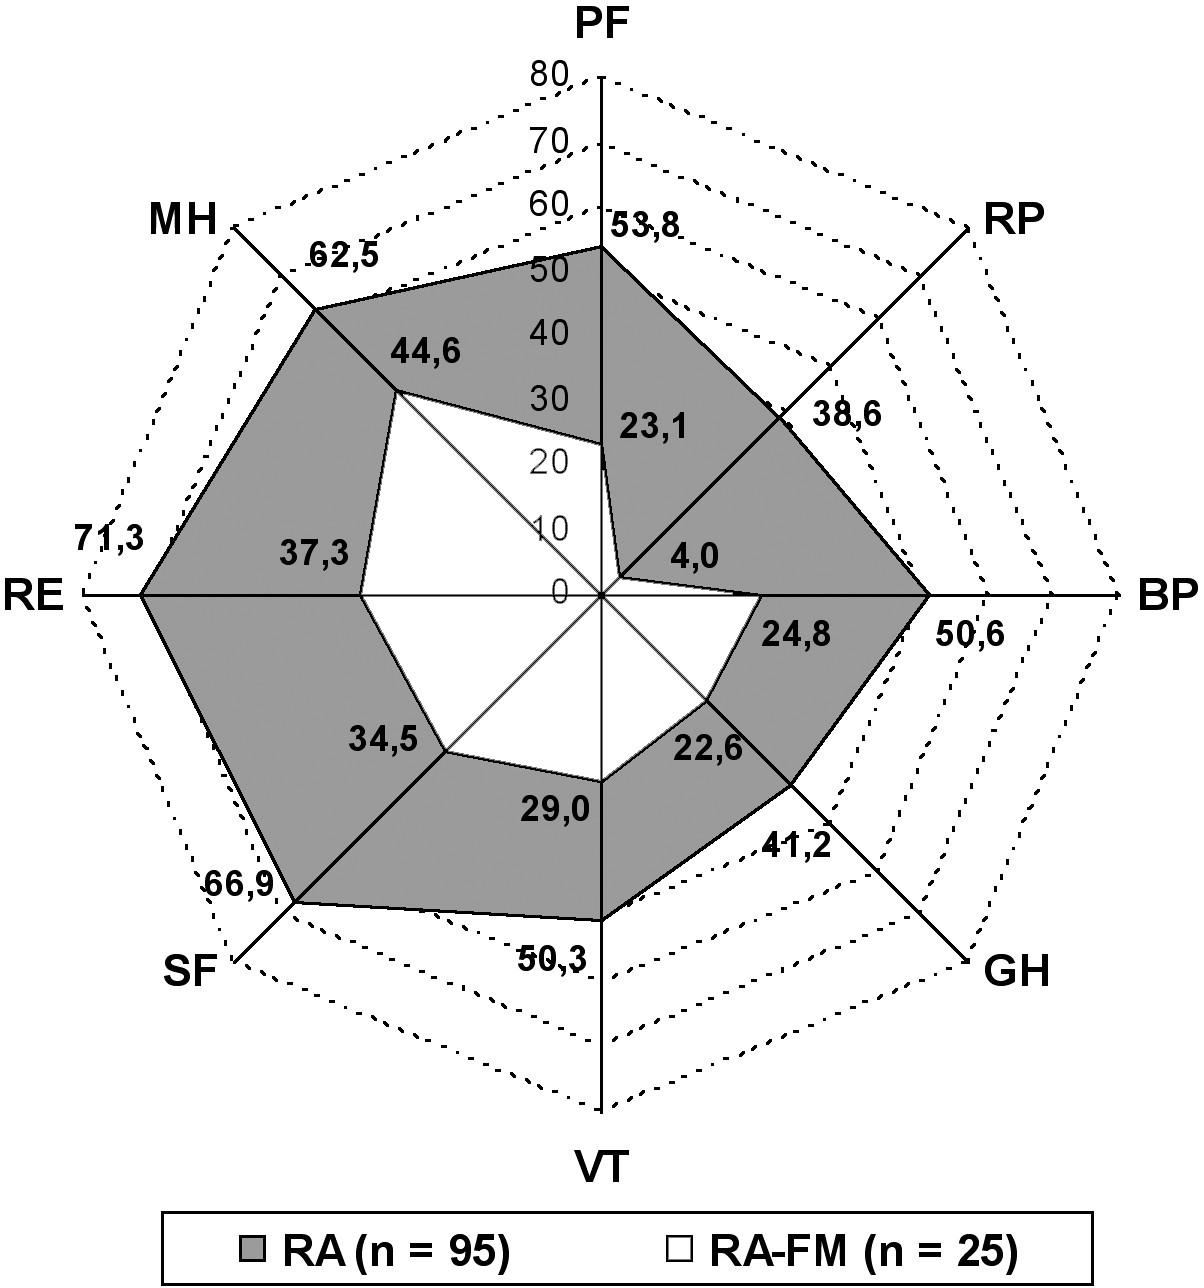 Paprskový graf zobrazující jednotlivé domény kvality života hodnocené pomocí dotazníku Short Form-36 Health Survey u pacientů s revmatoidní artritidou (RA) a RA s konkomitující fibromyalgií (RA-FM). Hodnoty nanesené na jednotlivých osách jsou průměrným skóre dané domény kvality života (ve všech doménách signifikantní rozdíl, p < 0,001). PF – fyzická funkce, RP – fyzická role, BP – somatická bolest, GH – celkové vnímání zdraví, VT – vitalita, SF – sociální funkce, RE – emocionální role, MH – mentální zdraví.